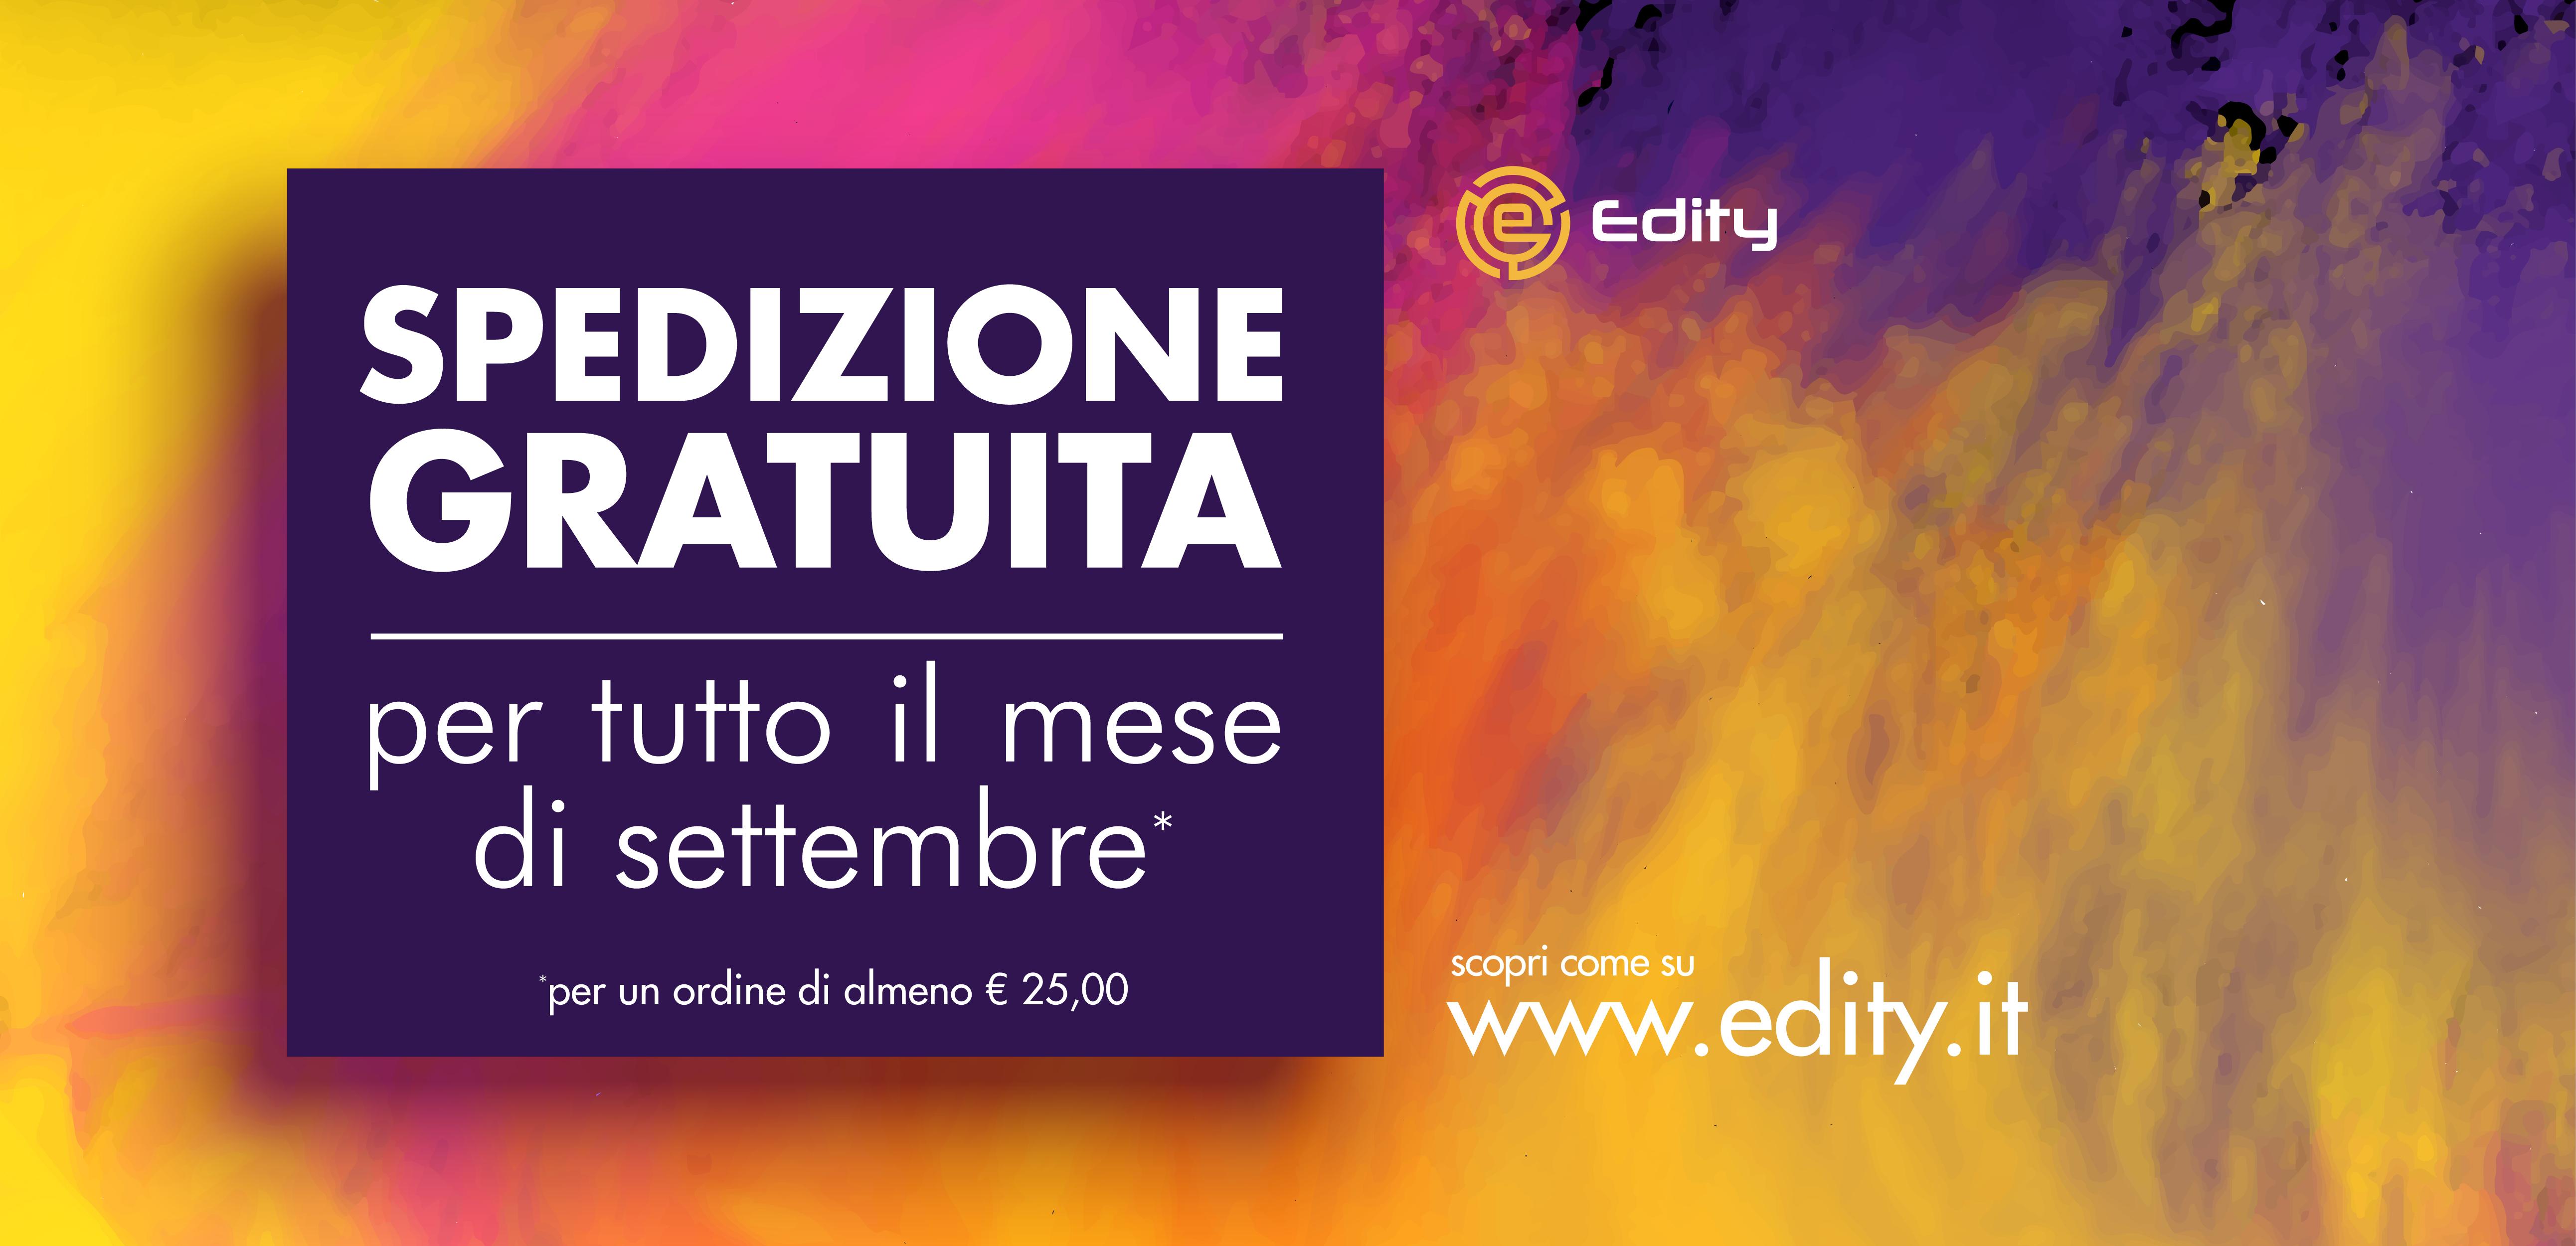 4e5d6734149e3f Nuova Promozione - A Settembre la spedizione dei tuoi libri è gratuita! -  Edity.it